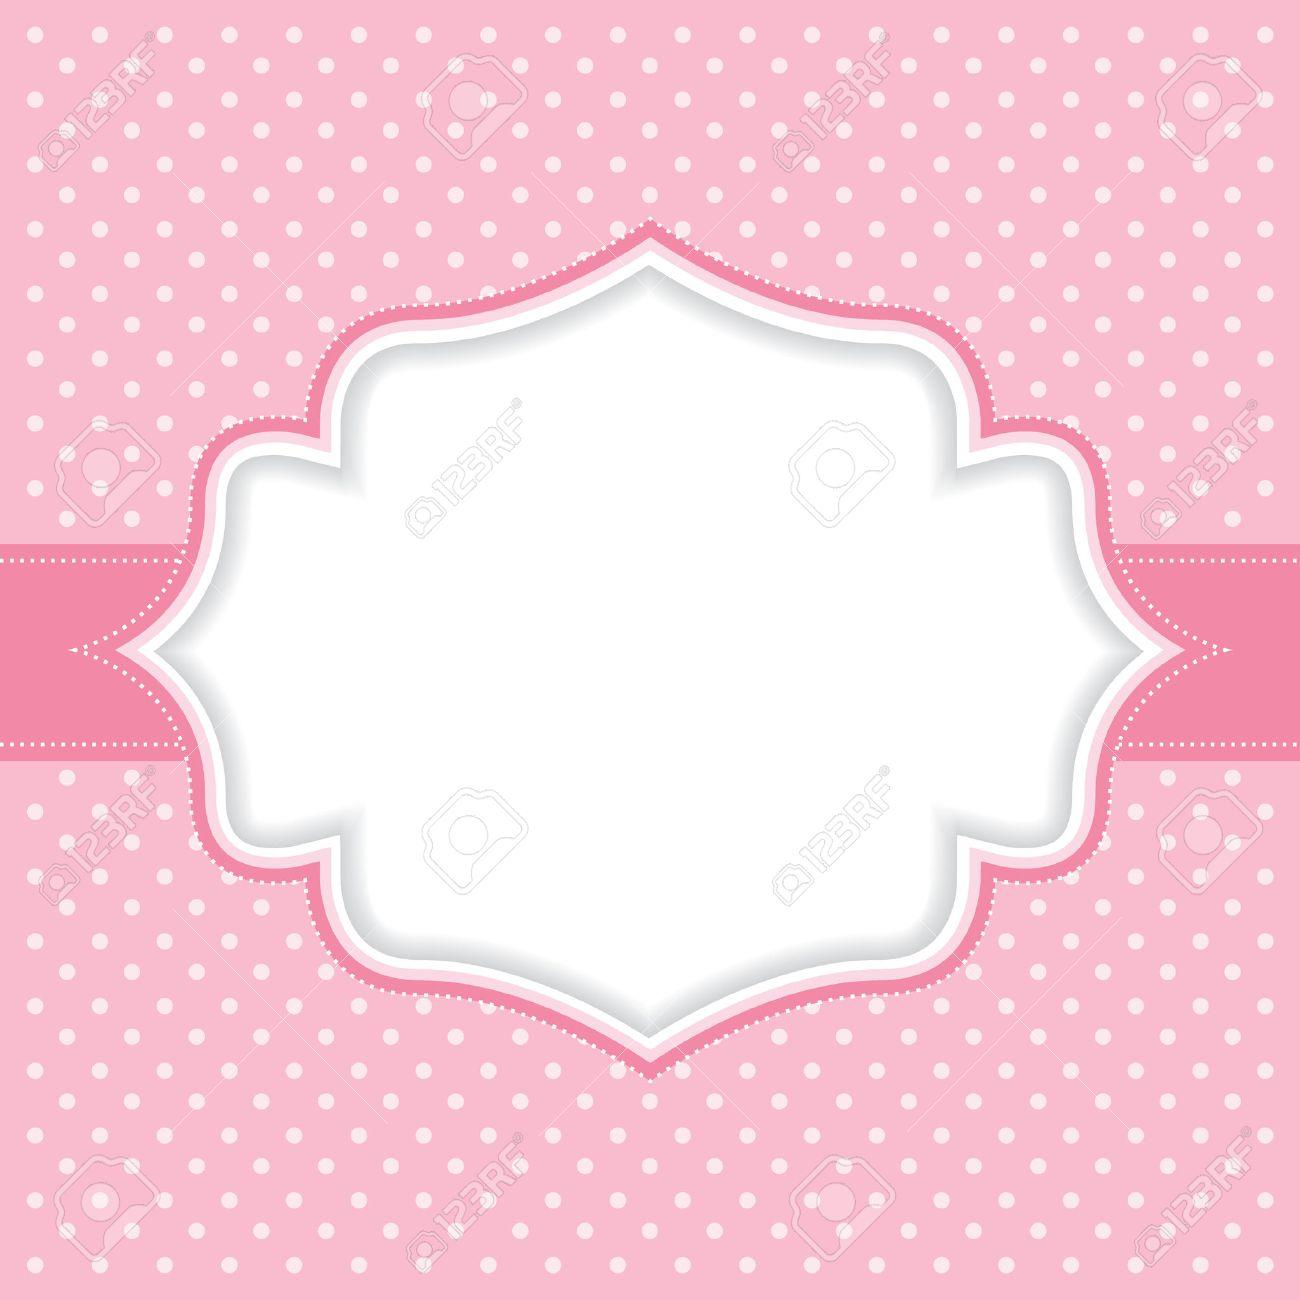 Polka Dot Frame Royalty Free Cliparts, Vectors, And Stock ...